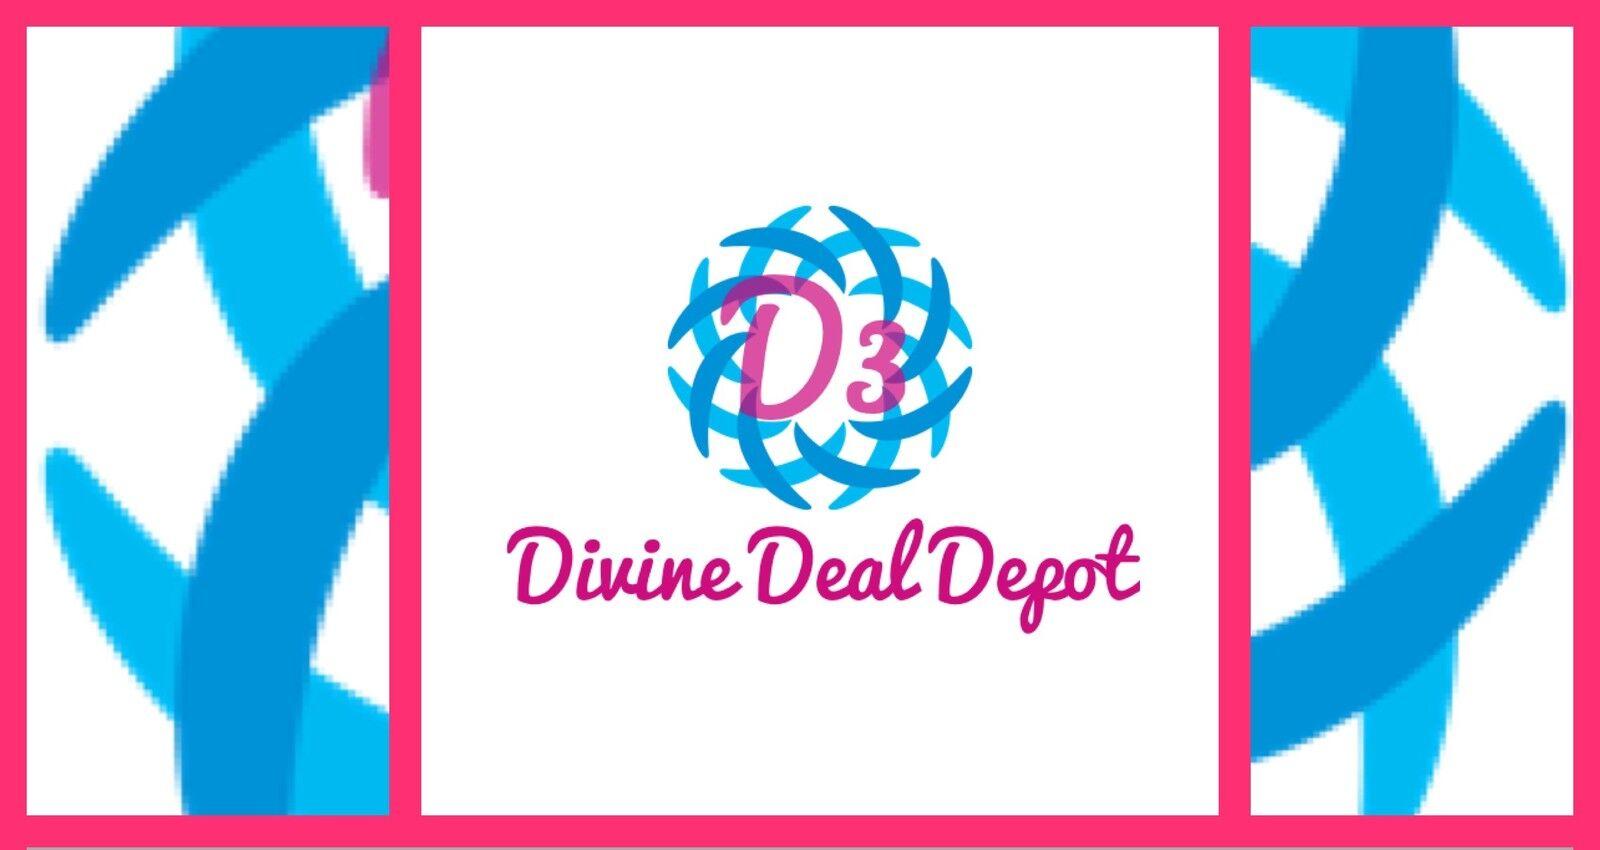 Divine Deal Depot